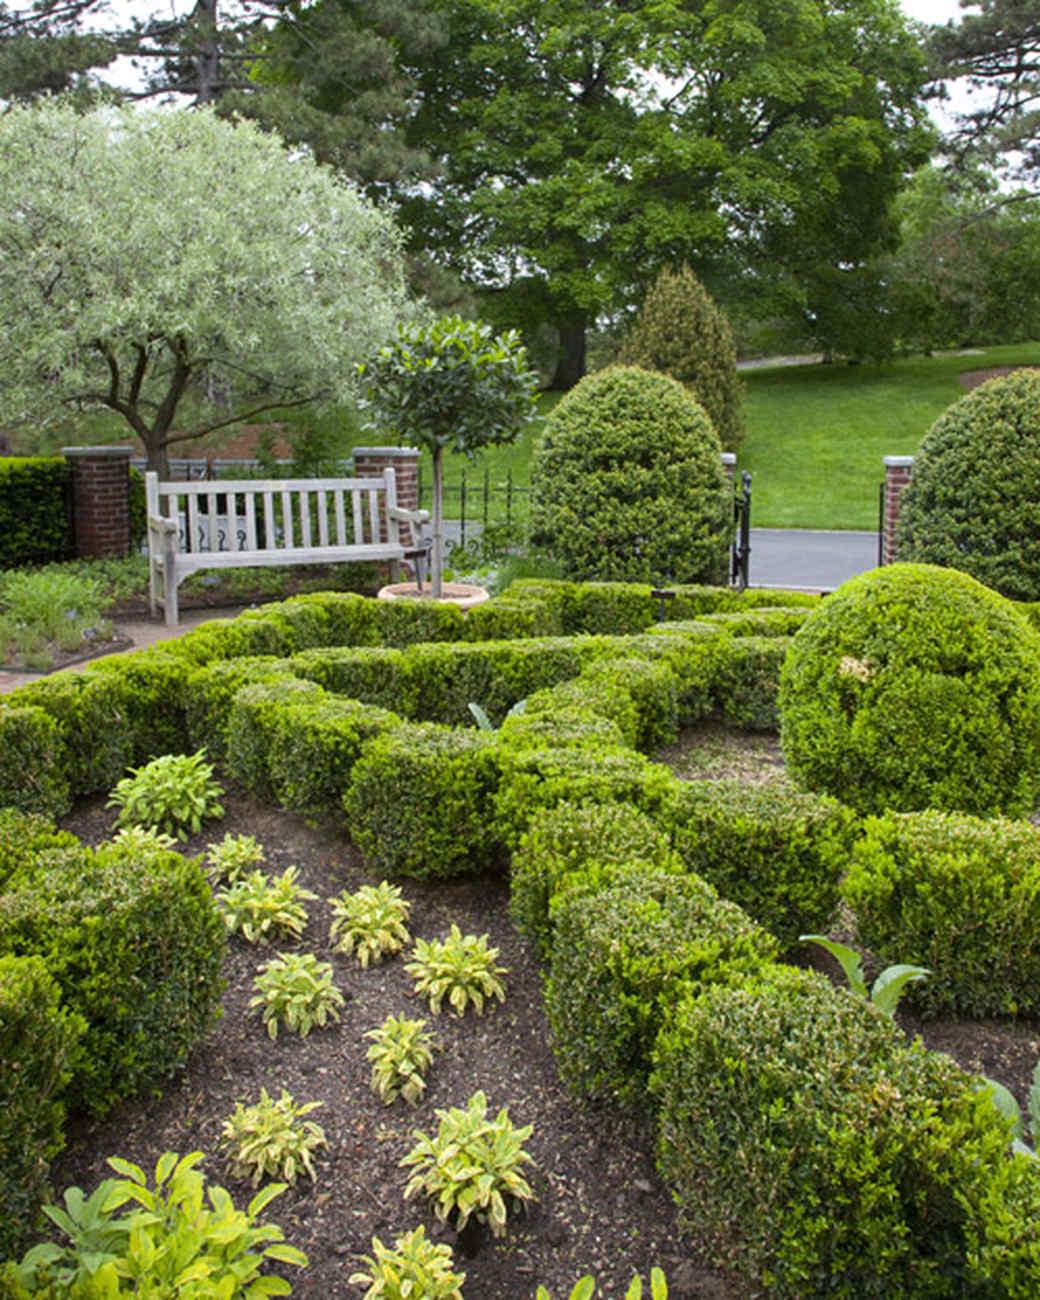 ms_edible_garden_mg_0116_end_360.jpg